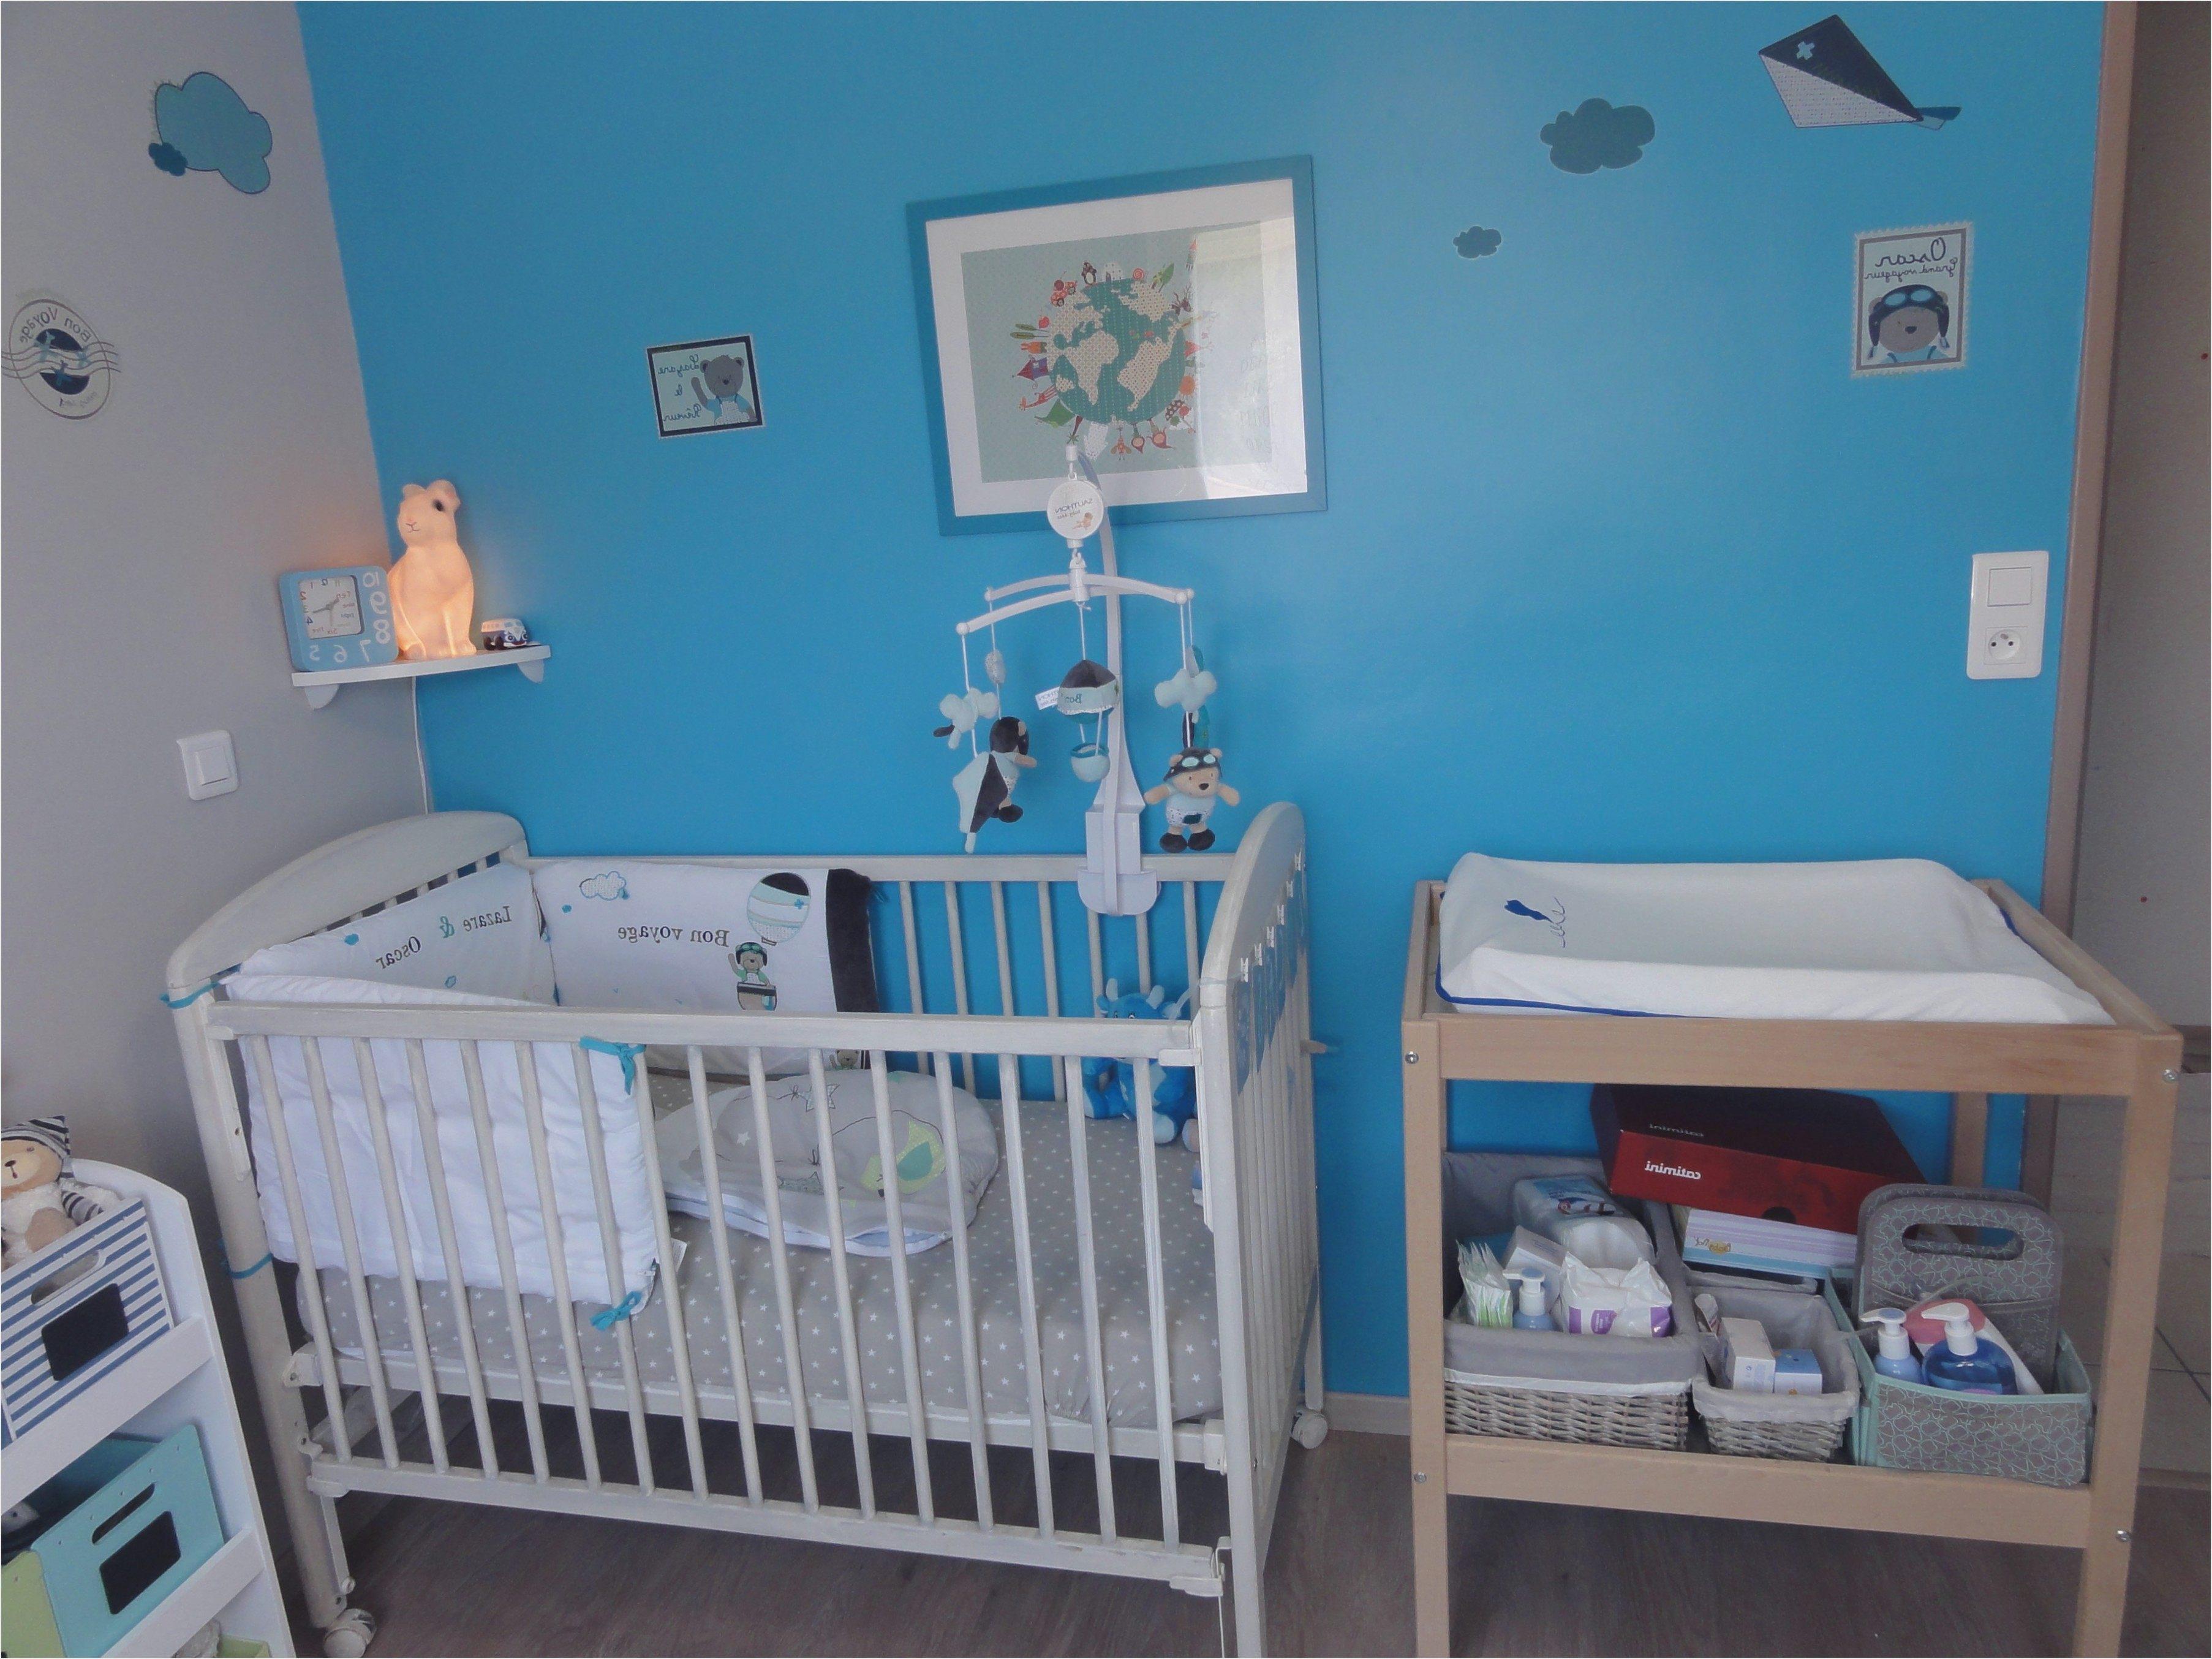 Norme Lit Bébé Impressionnant Lesmeubles Meuble Chambre Bébé — Lesmeubles